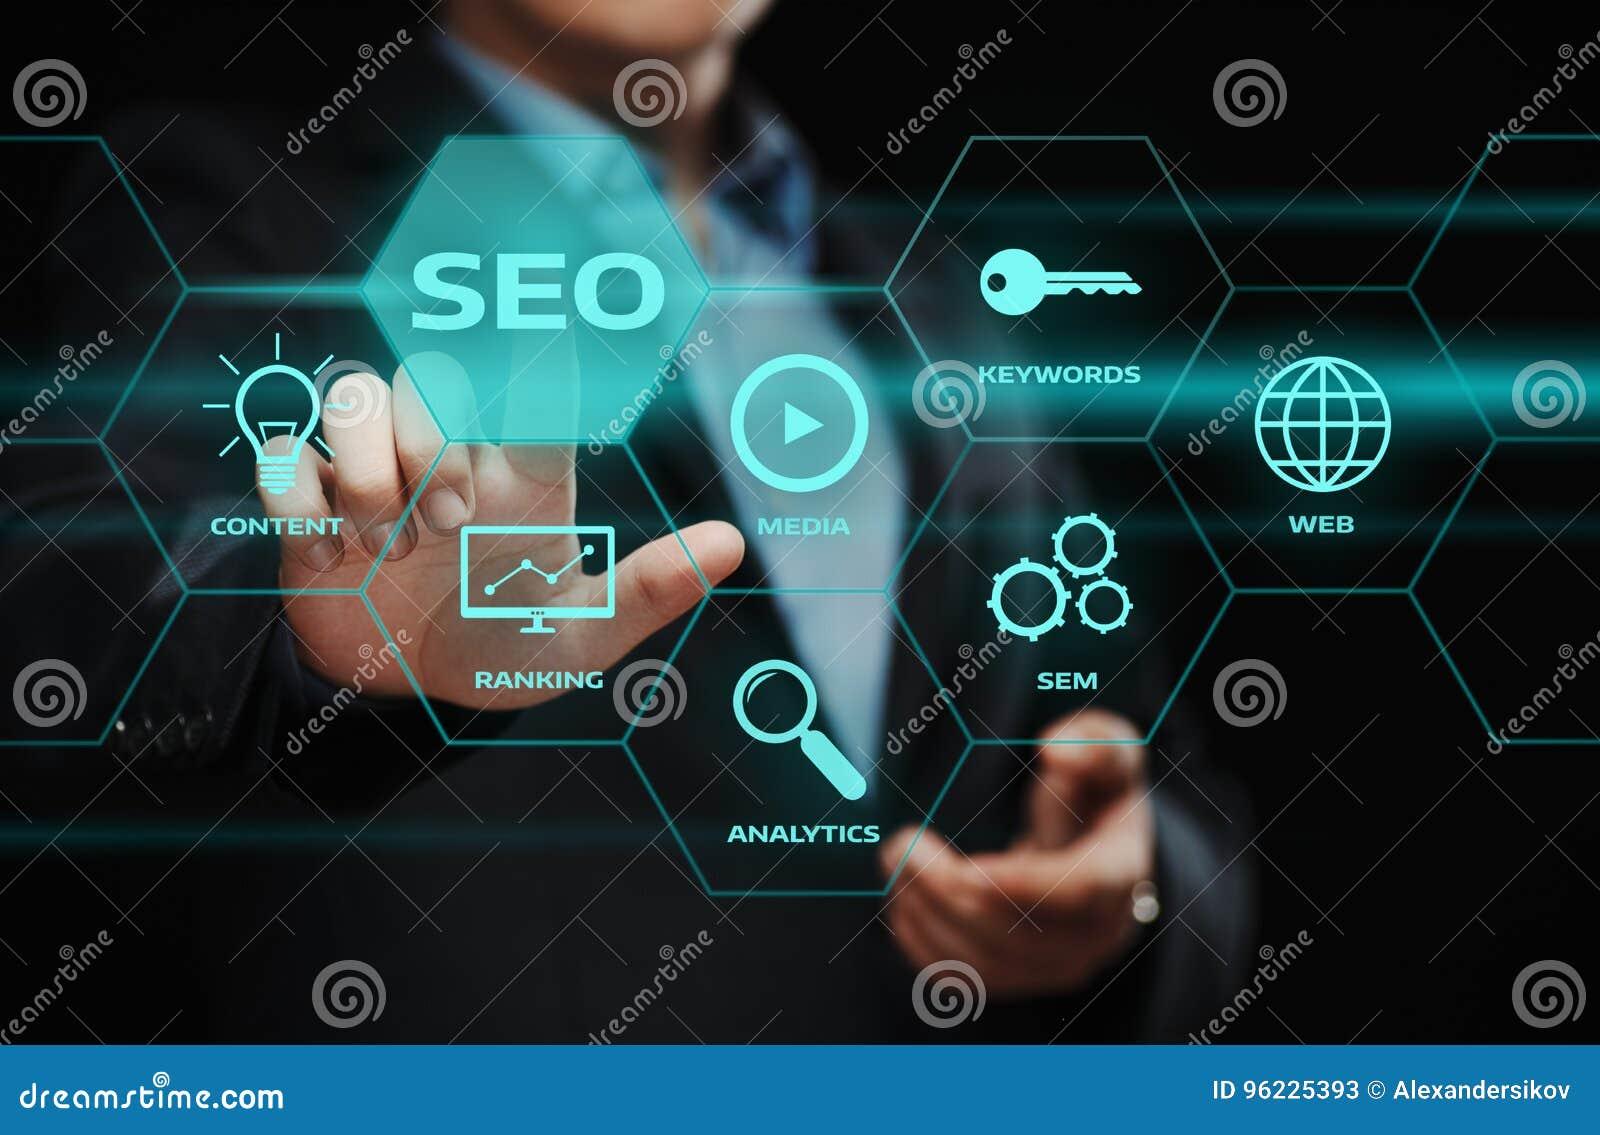 Концепция технологии дела интернета вебсайта движения ранжировки маркетинга оптимизирования поисковой системы SEO SEM